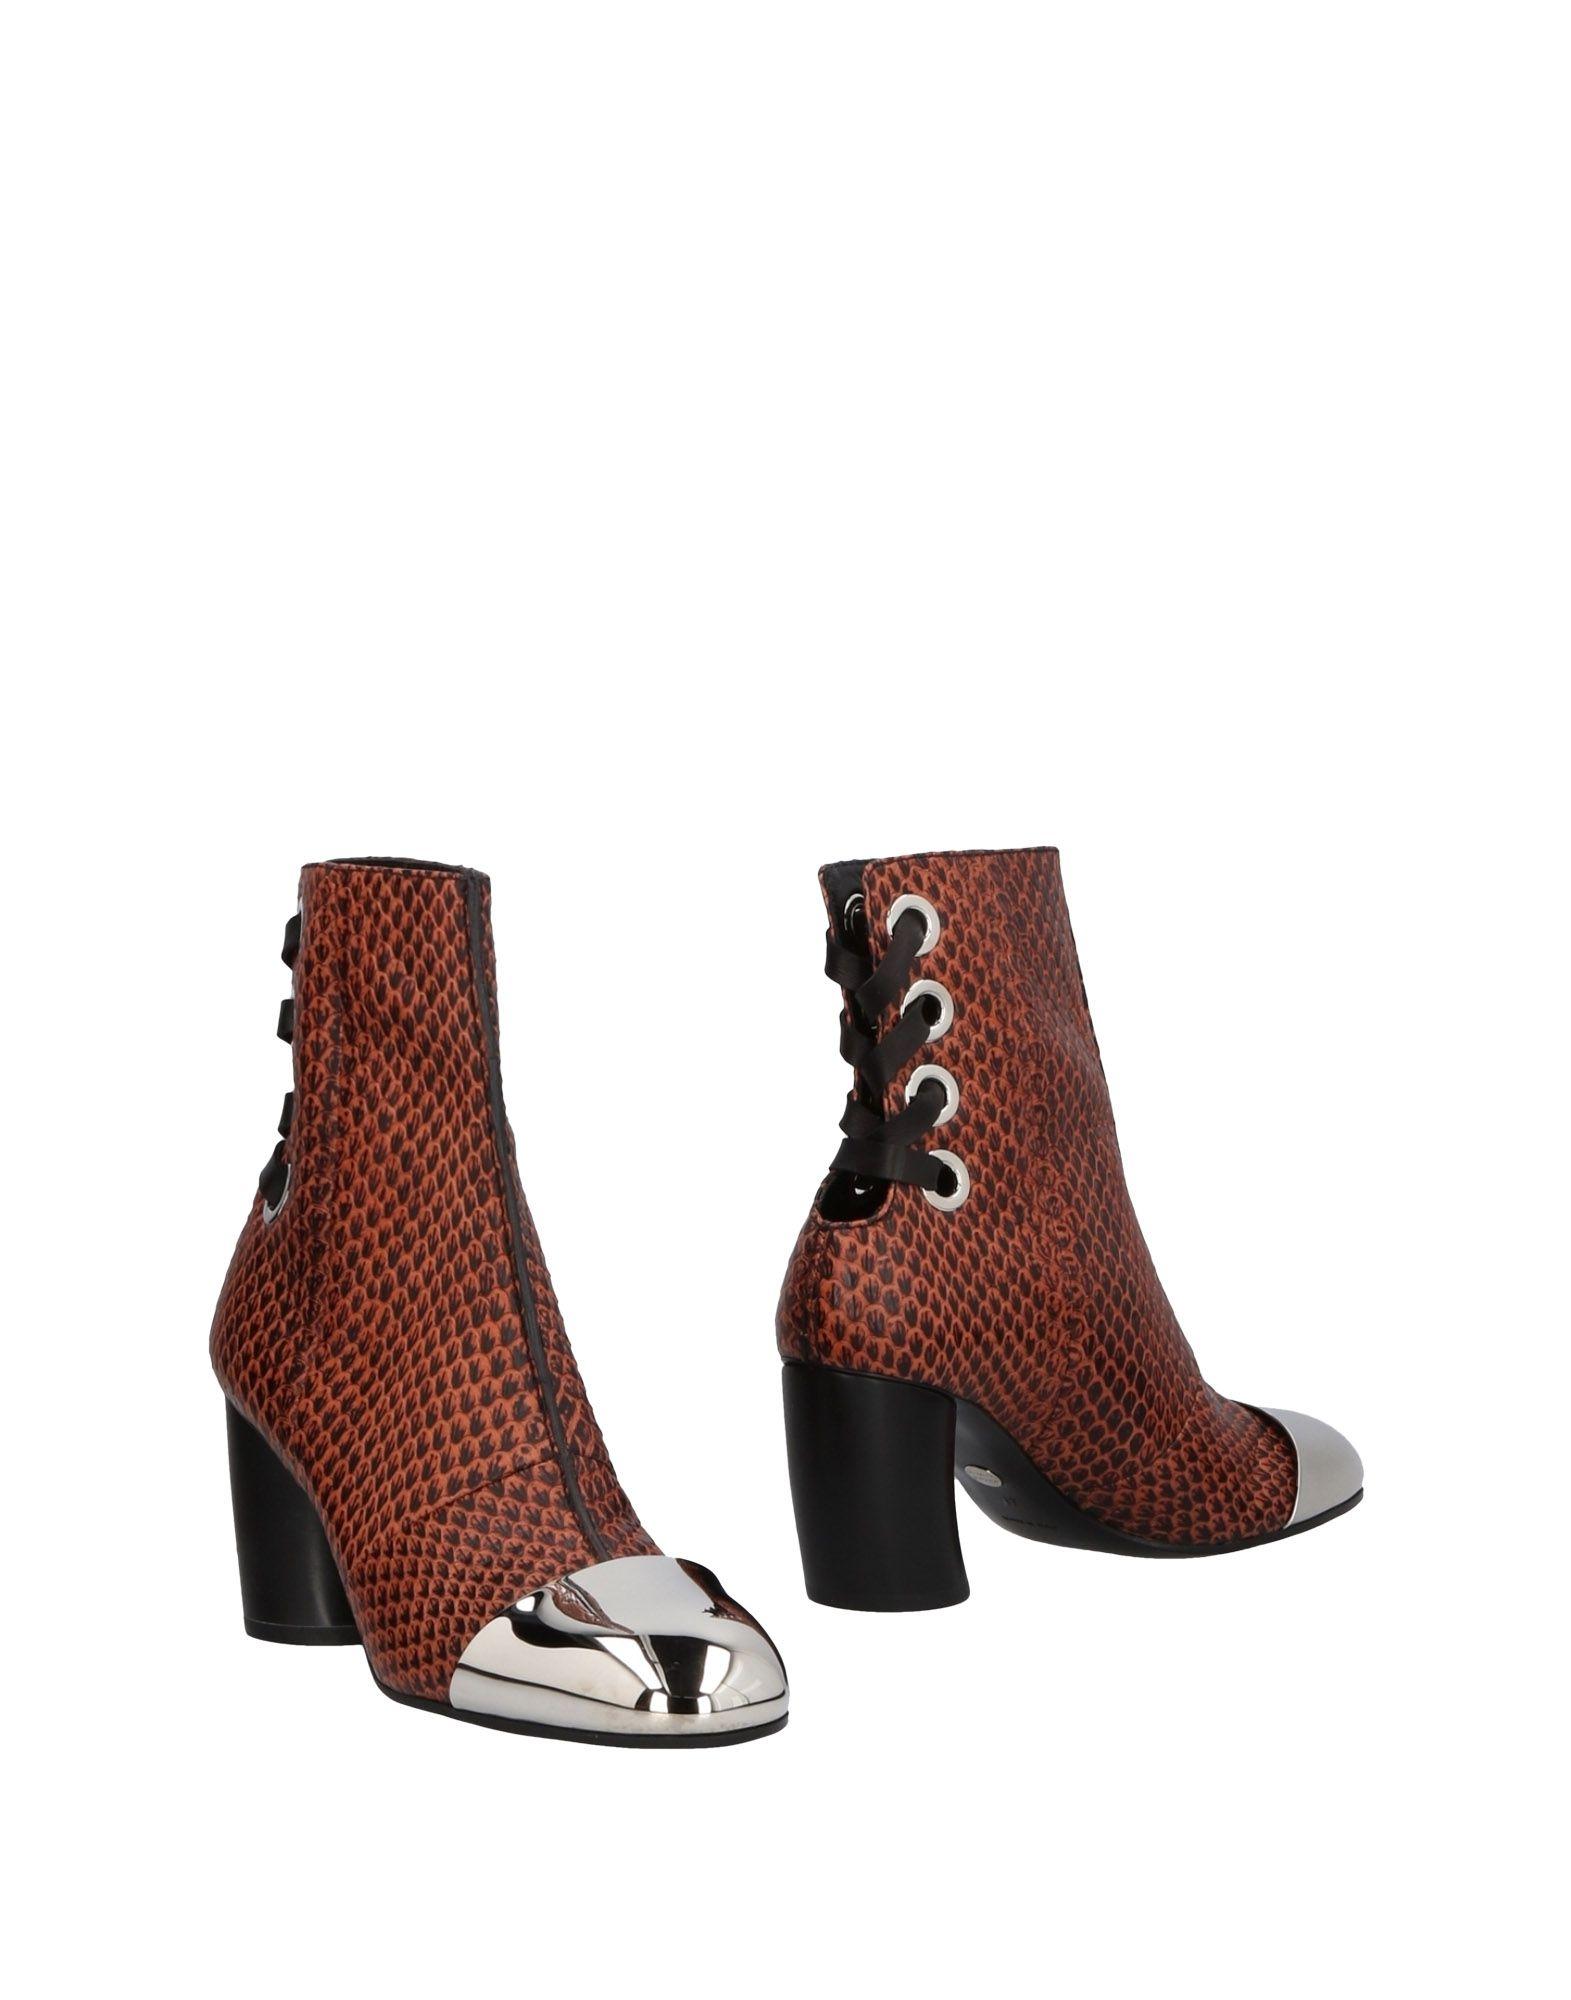 Proenza Schouler Stiefelette Damen  11462572EGGünstige gut aussehende Schuhe